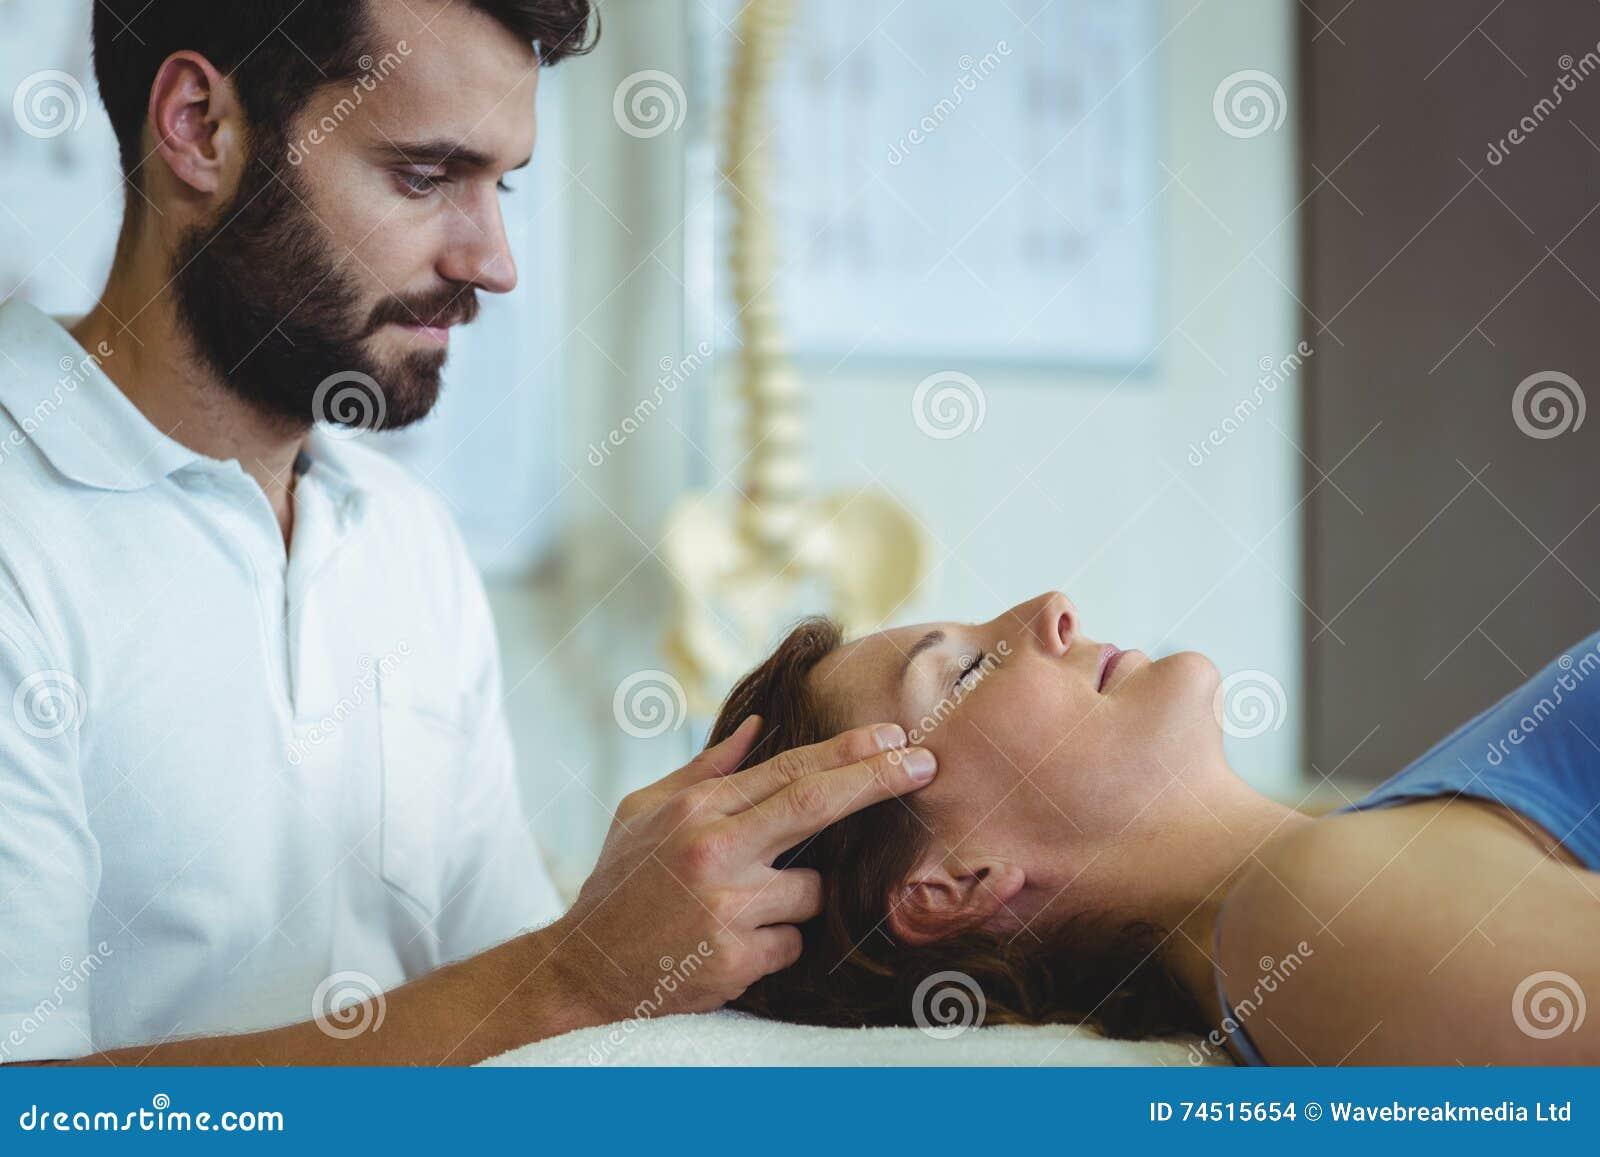 Giving women head